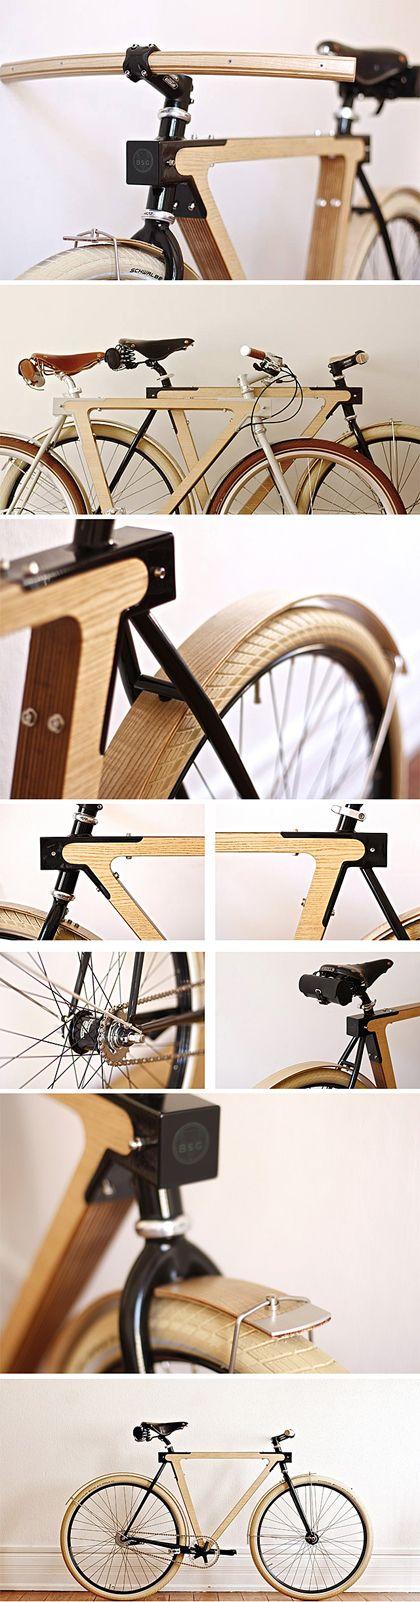 BSG : The WOOD.b Bike